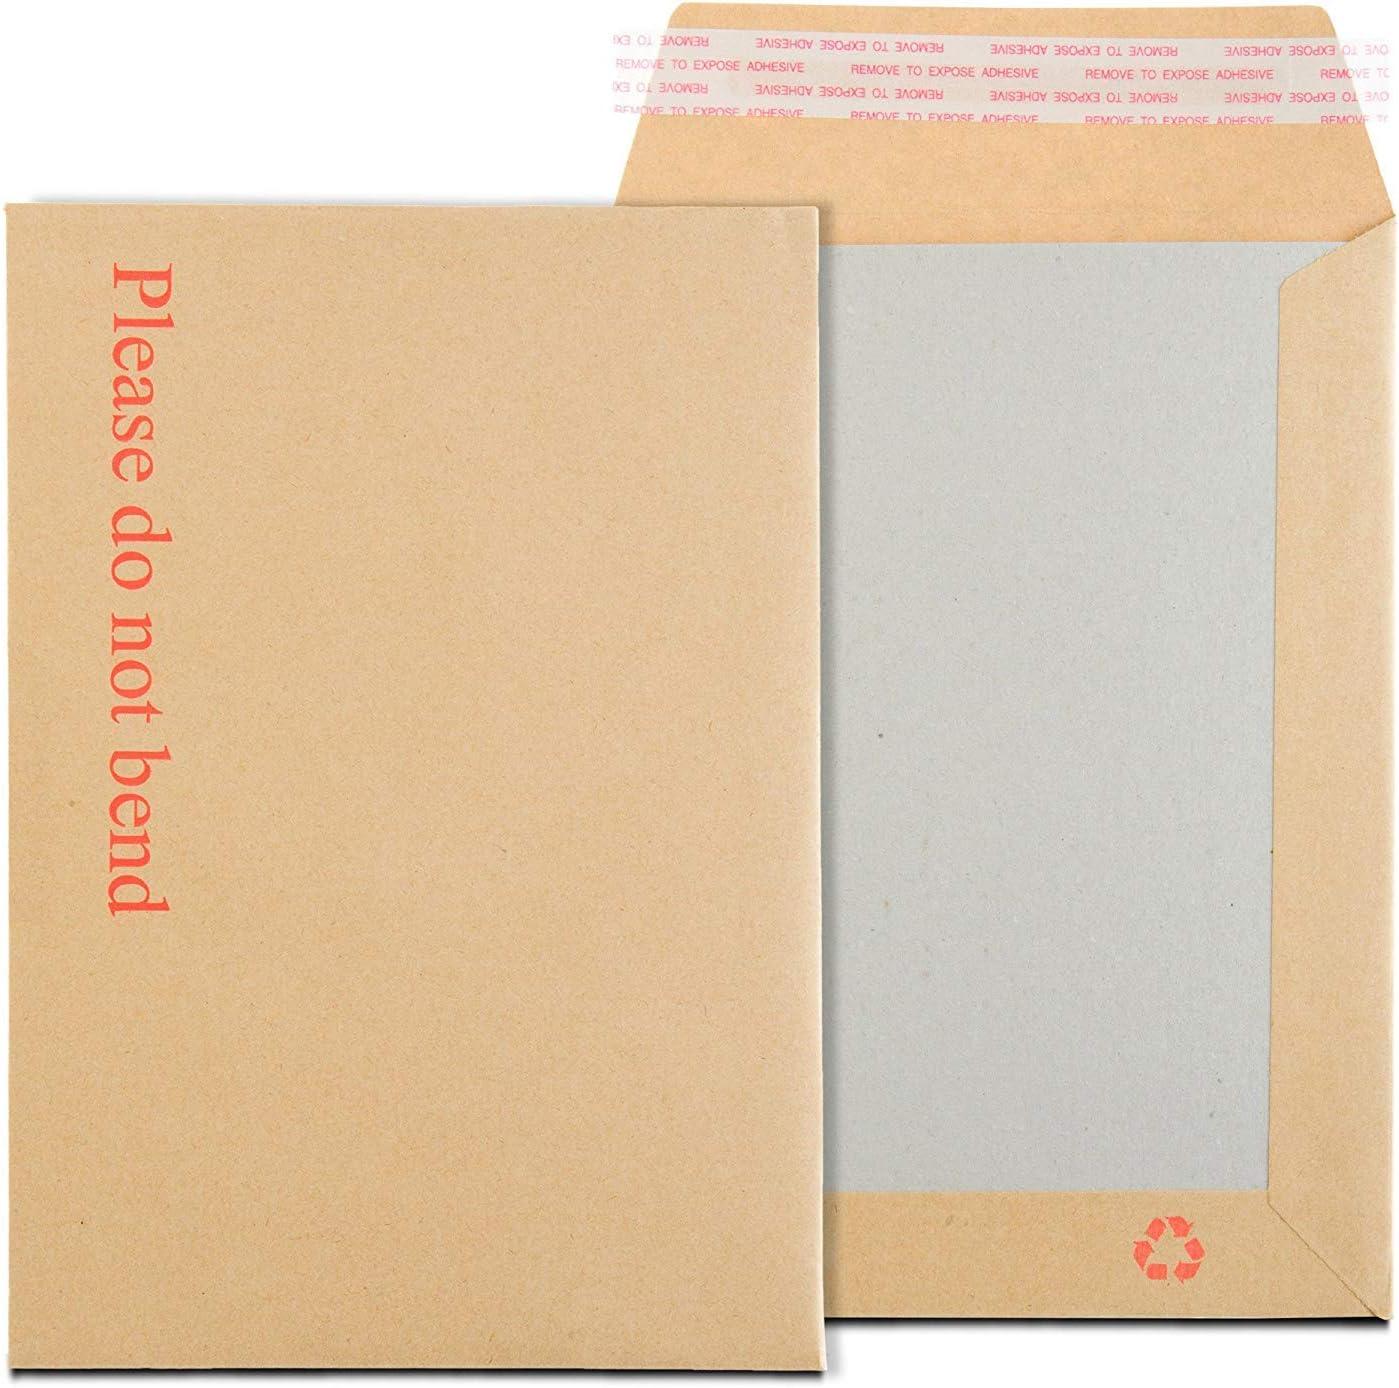 SimplelifyPackaging/® Enveloppes cartonn/ées avec bande autocollante et dos en carton rigide avec inscription /« Please Do Not Bend /» Format C5//A5 163 x 238 mm 238 mm x 163 mm Manille